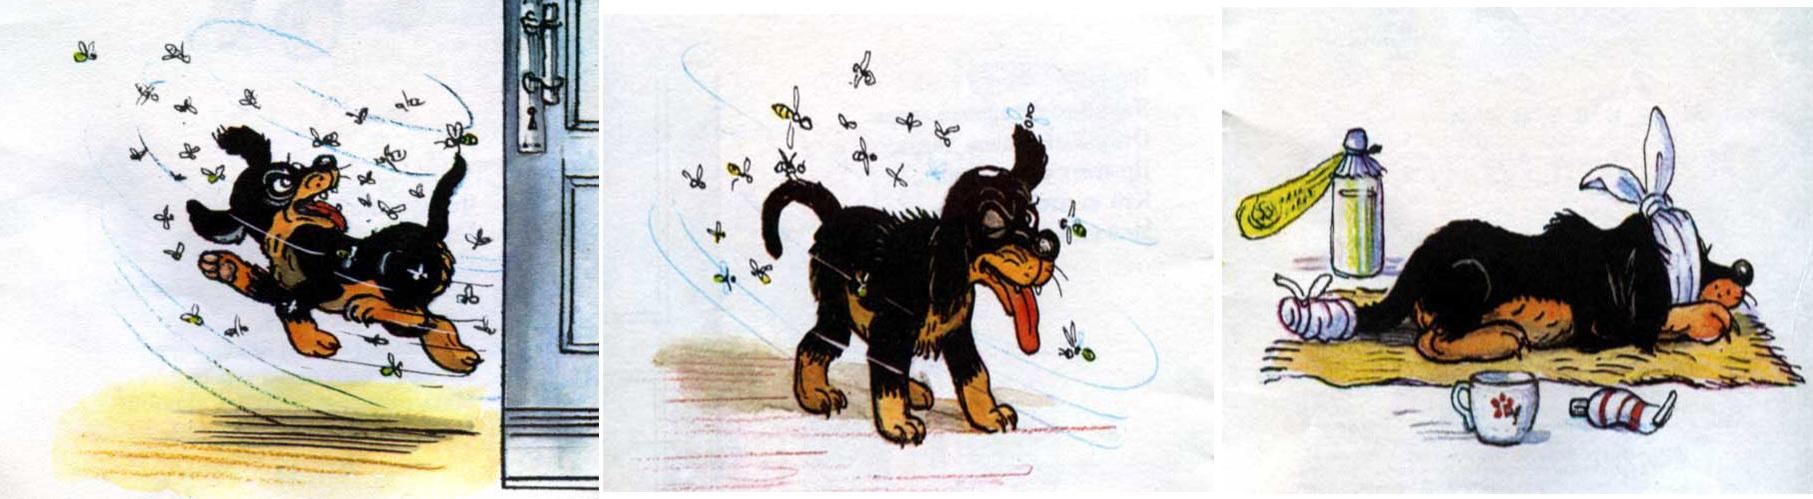 Сергей михалков мой щенок с картинками